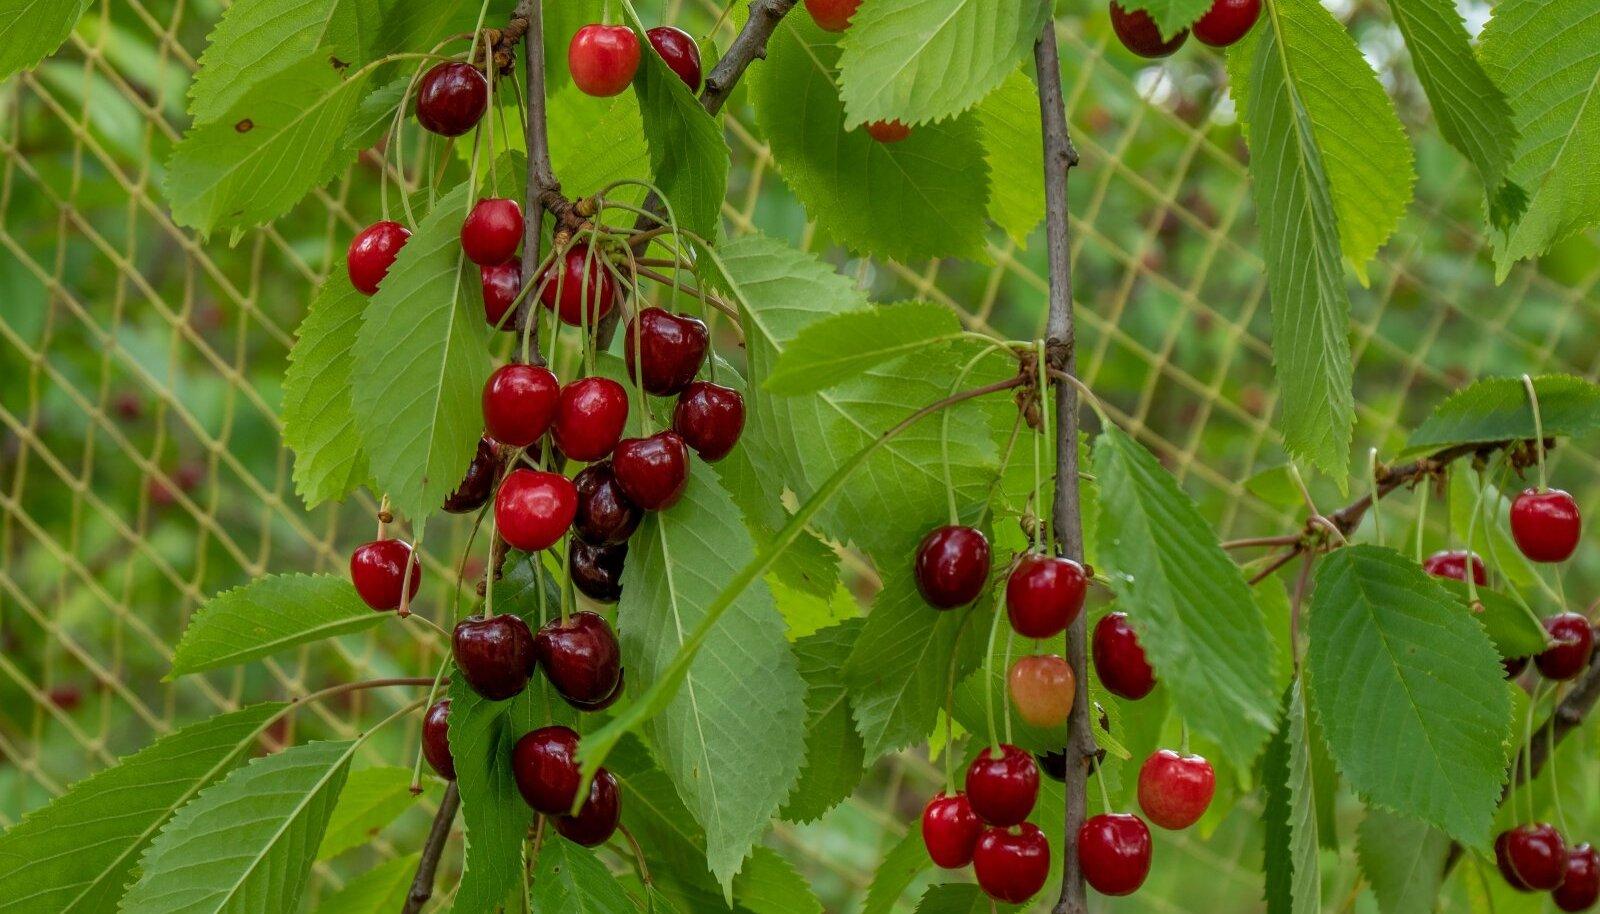 Müügile on jõudnud ka Eesti päritolu kirsid ja murelid.